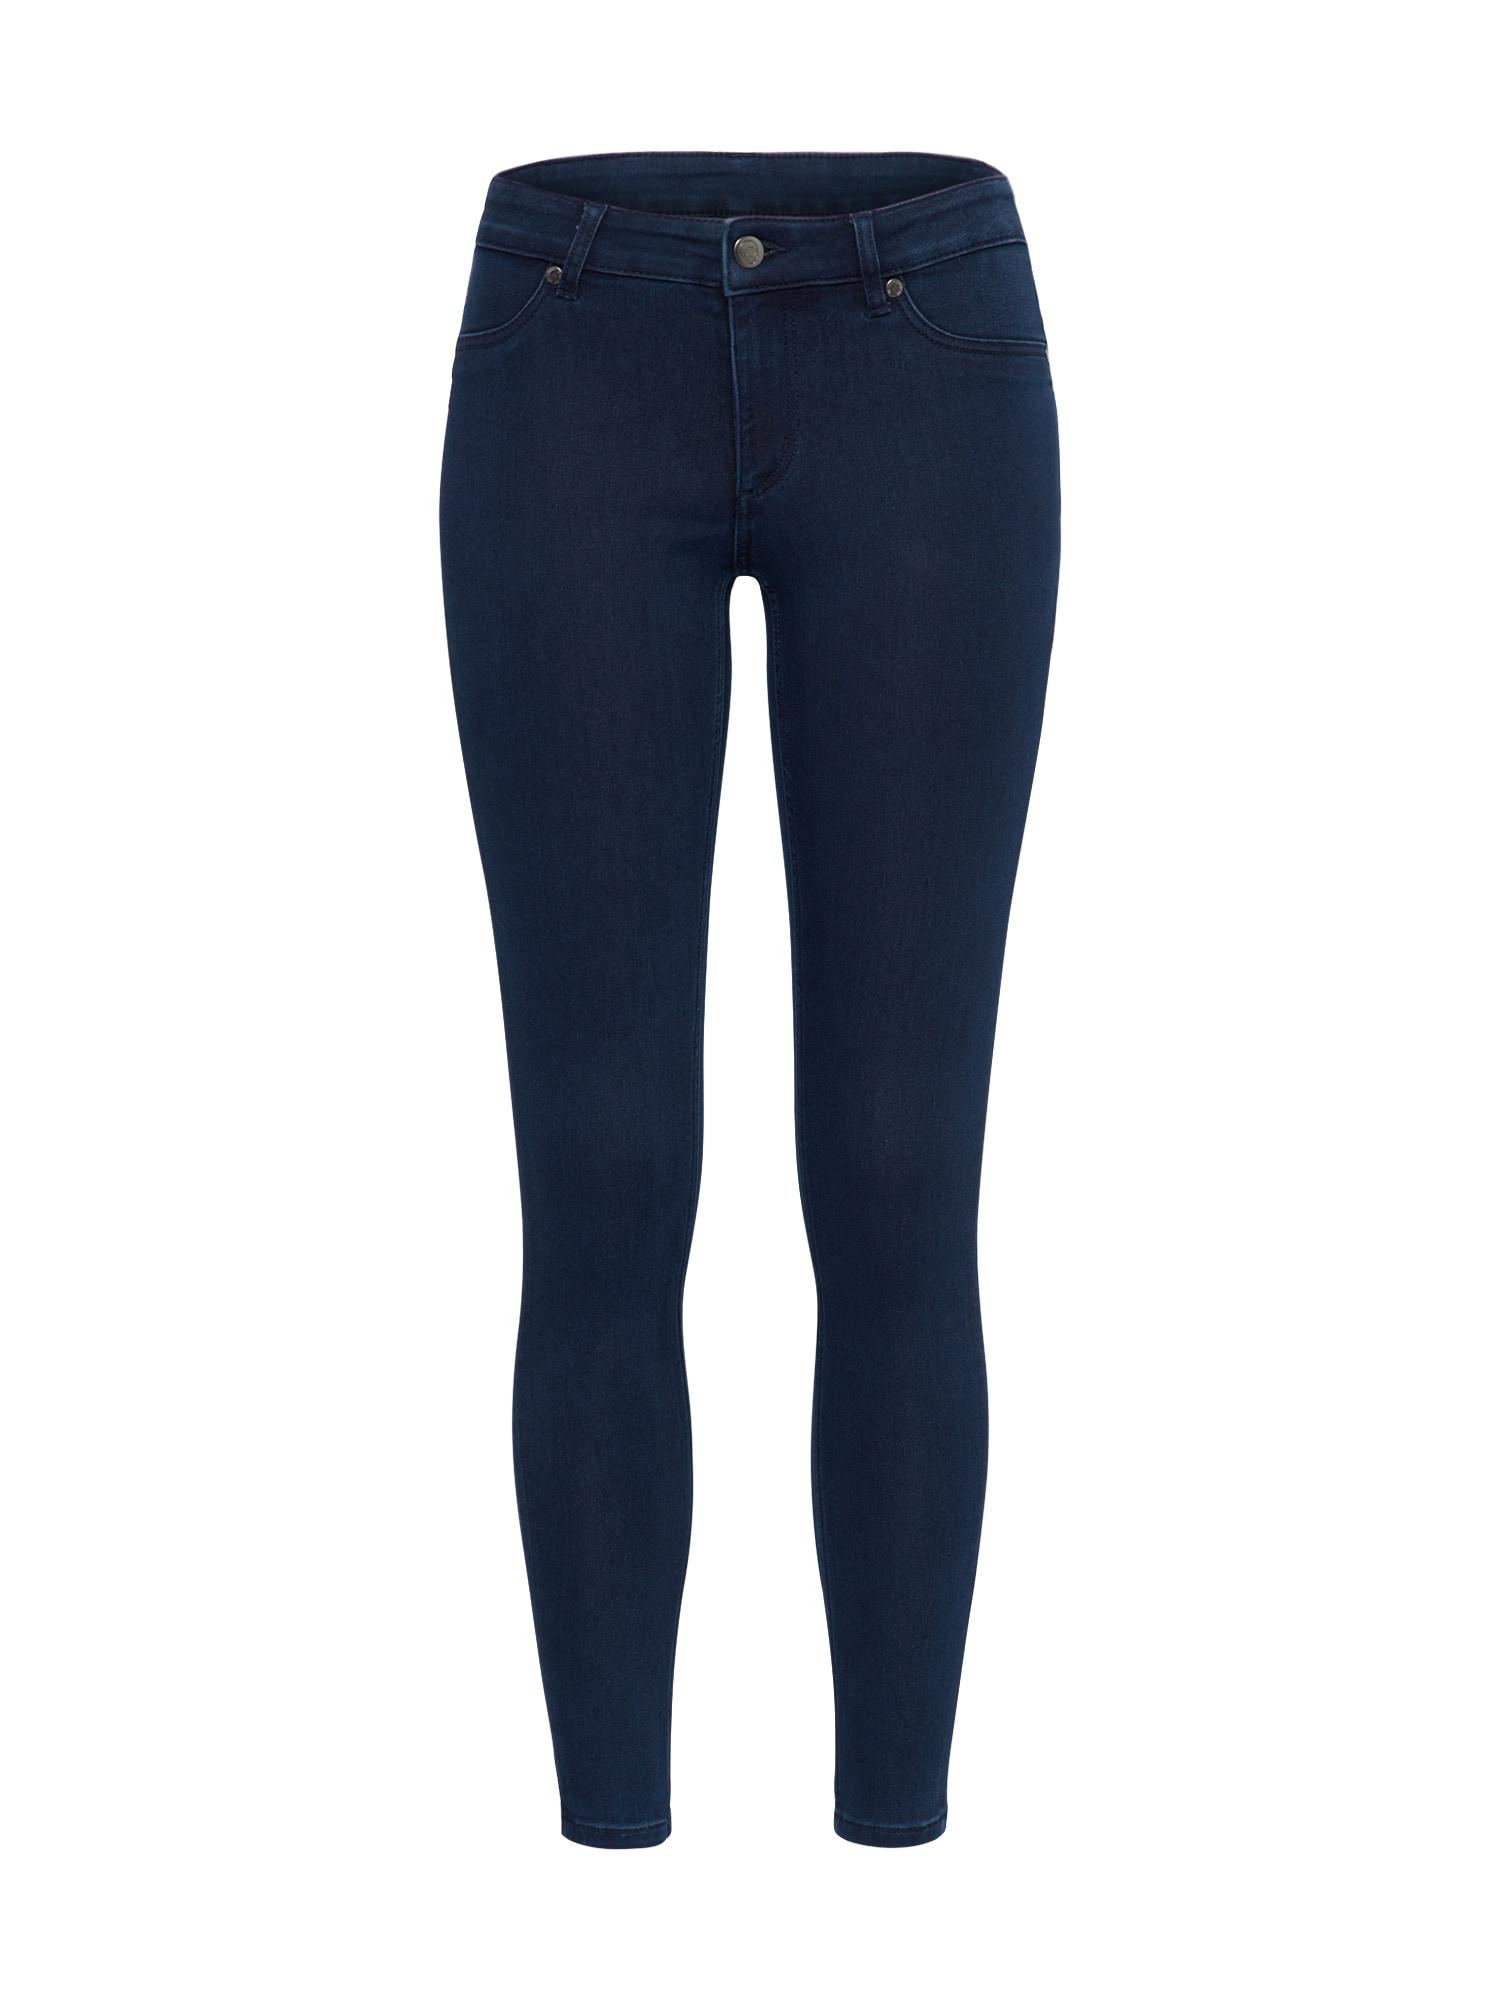 CHEAP MONDAY Dames Jeans blauw